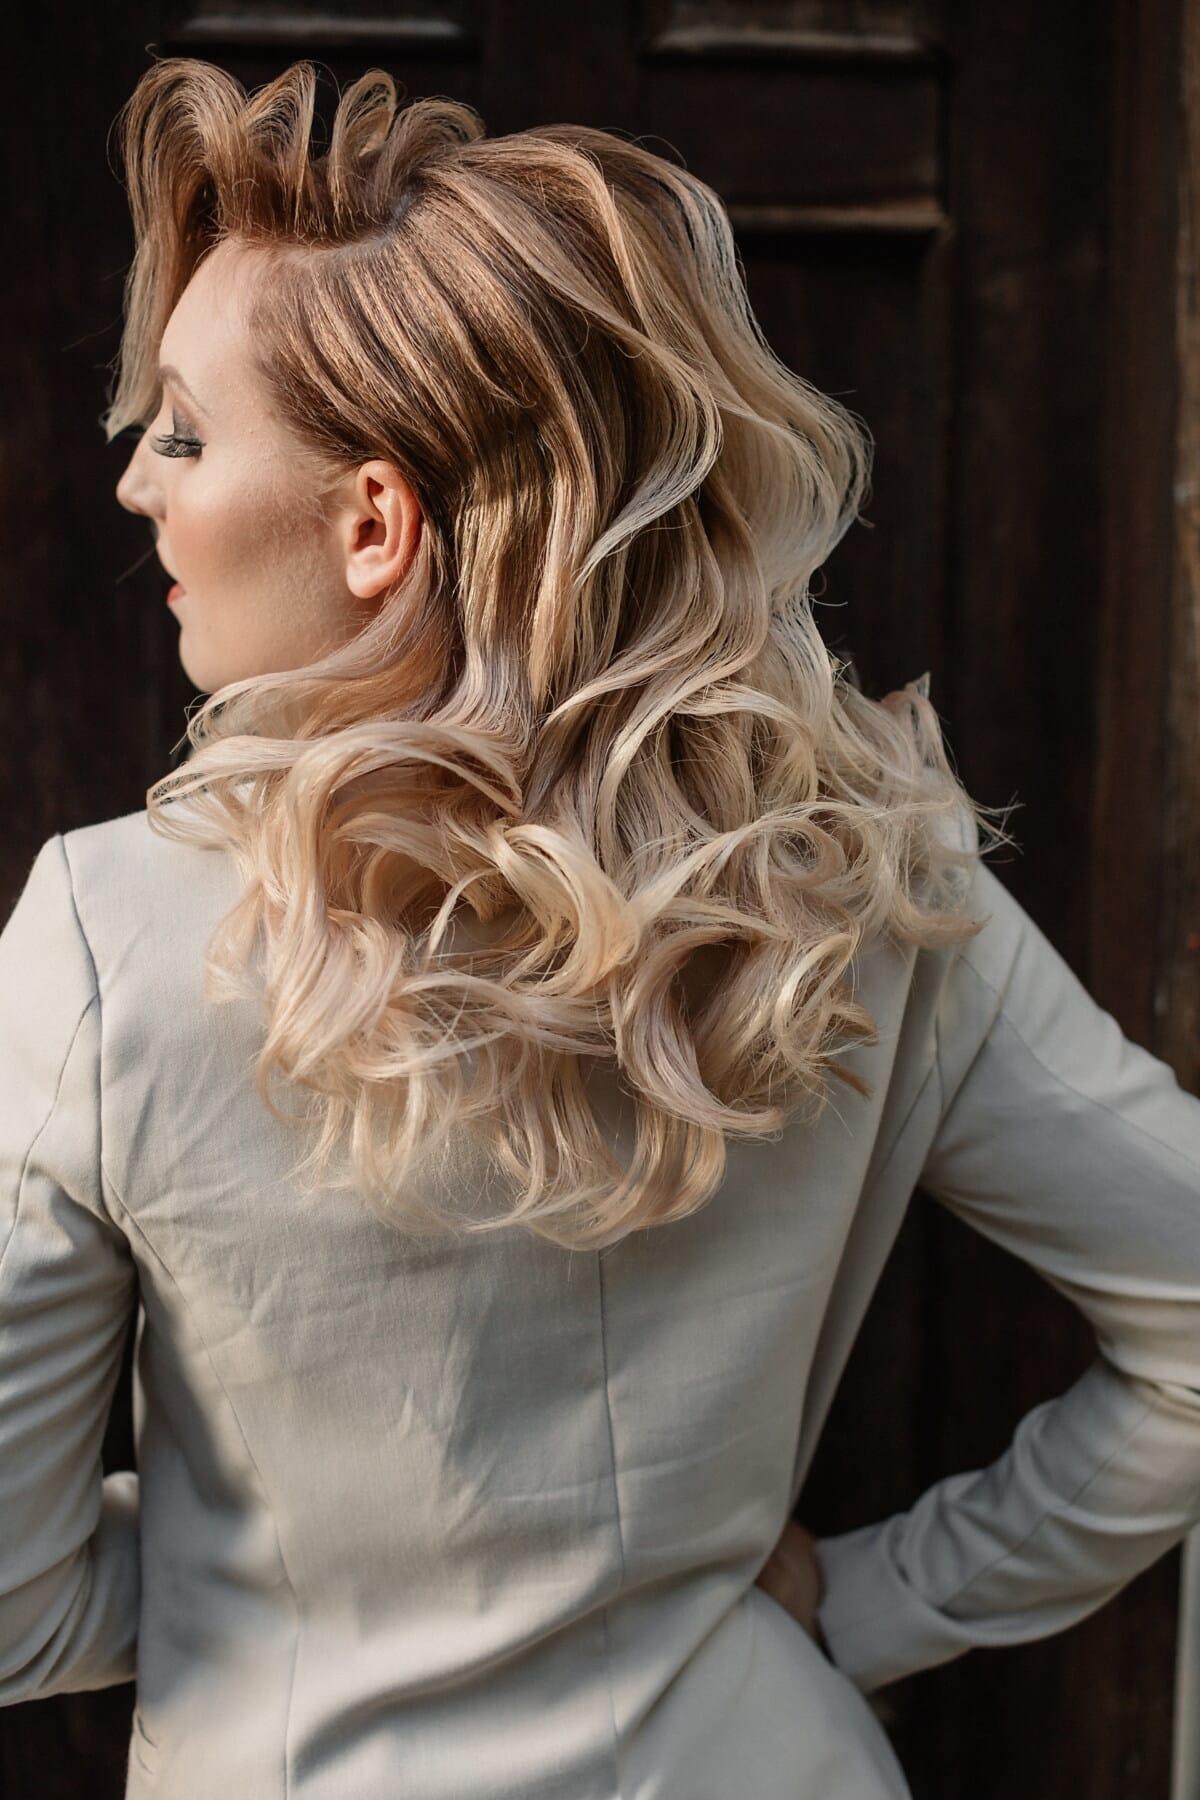 mode, charme, veste, homme d'affaires, femme d'affaires, Outfit, cheveux blonds, coiffure, cheveux, portrait